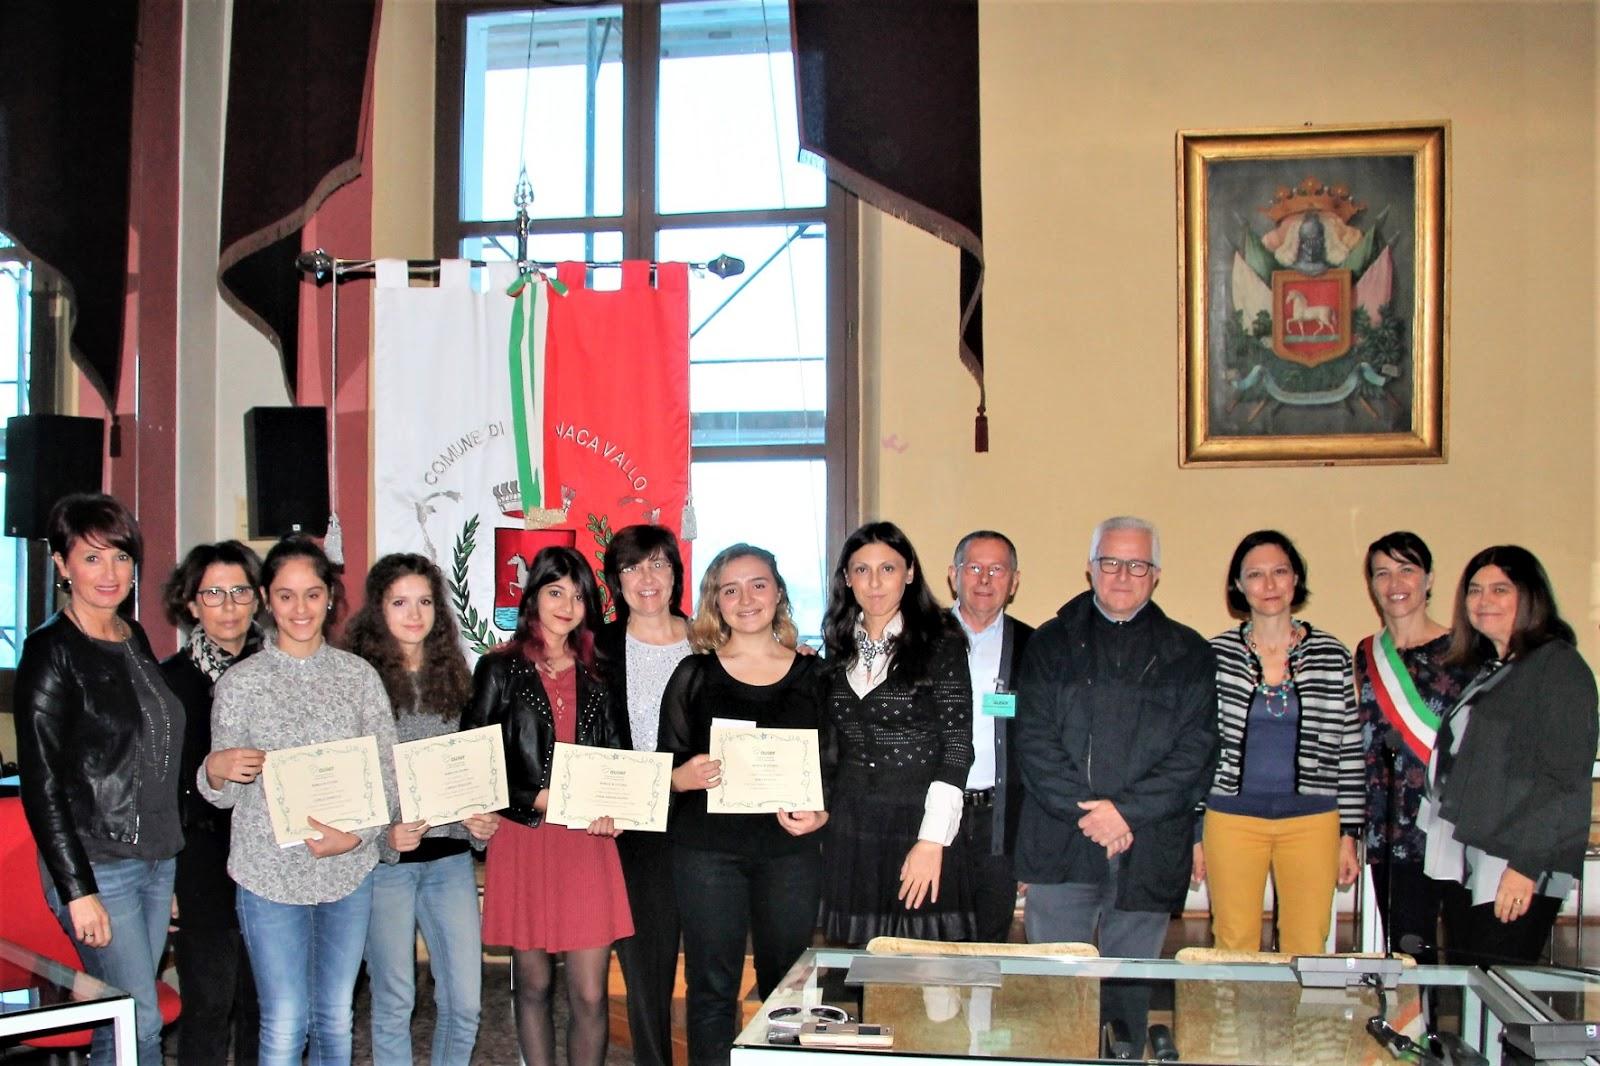 d9c49c071b Diplomi di Inglese e borse di studio consegnati in municipio di Bagnacavallo